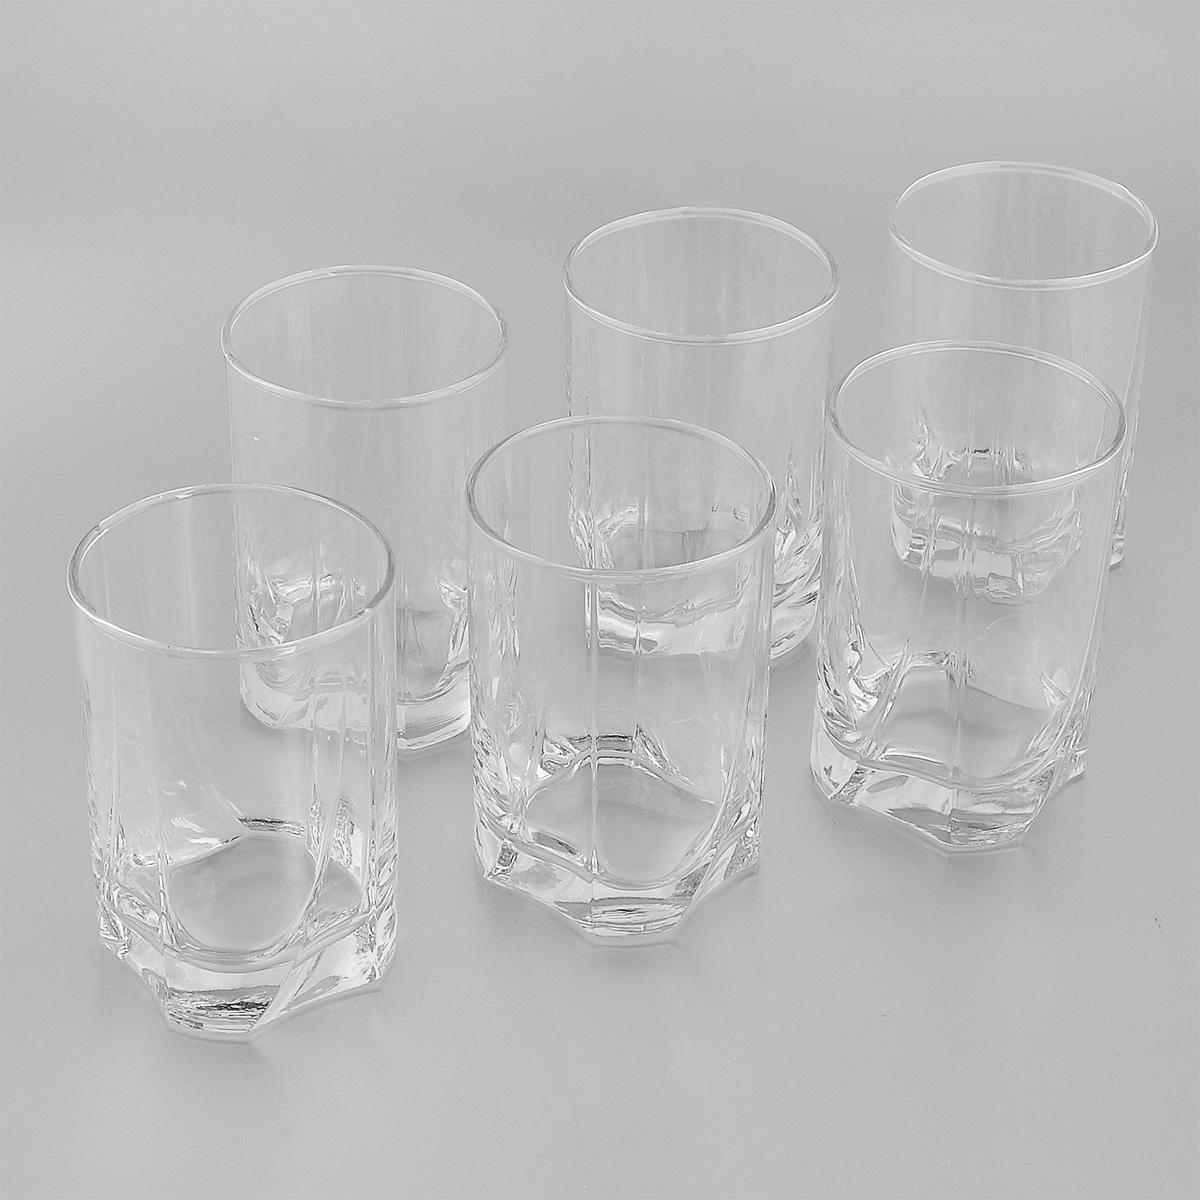 Набор стаканов Pasabahce Luna, 255 мл, 6 шт42378BНабор Pasabahce Luna, выполненный из высококачественного натрий-кальций-силикатного стекла, состоит из шести стаканов. Стаканы прекрасно подойдут для компотов, соков и других напитков. Их оценят как любители классики, так и те, кто предпочитает современный дизайн. Можно использовать в морозильной камере и микроволновой печи. Можно мыть в посудомоечной машине. Диаметр стакана (по верхнему краю): 6,5 см. Высота стакана: 10 см.